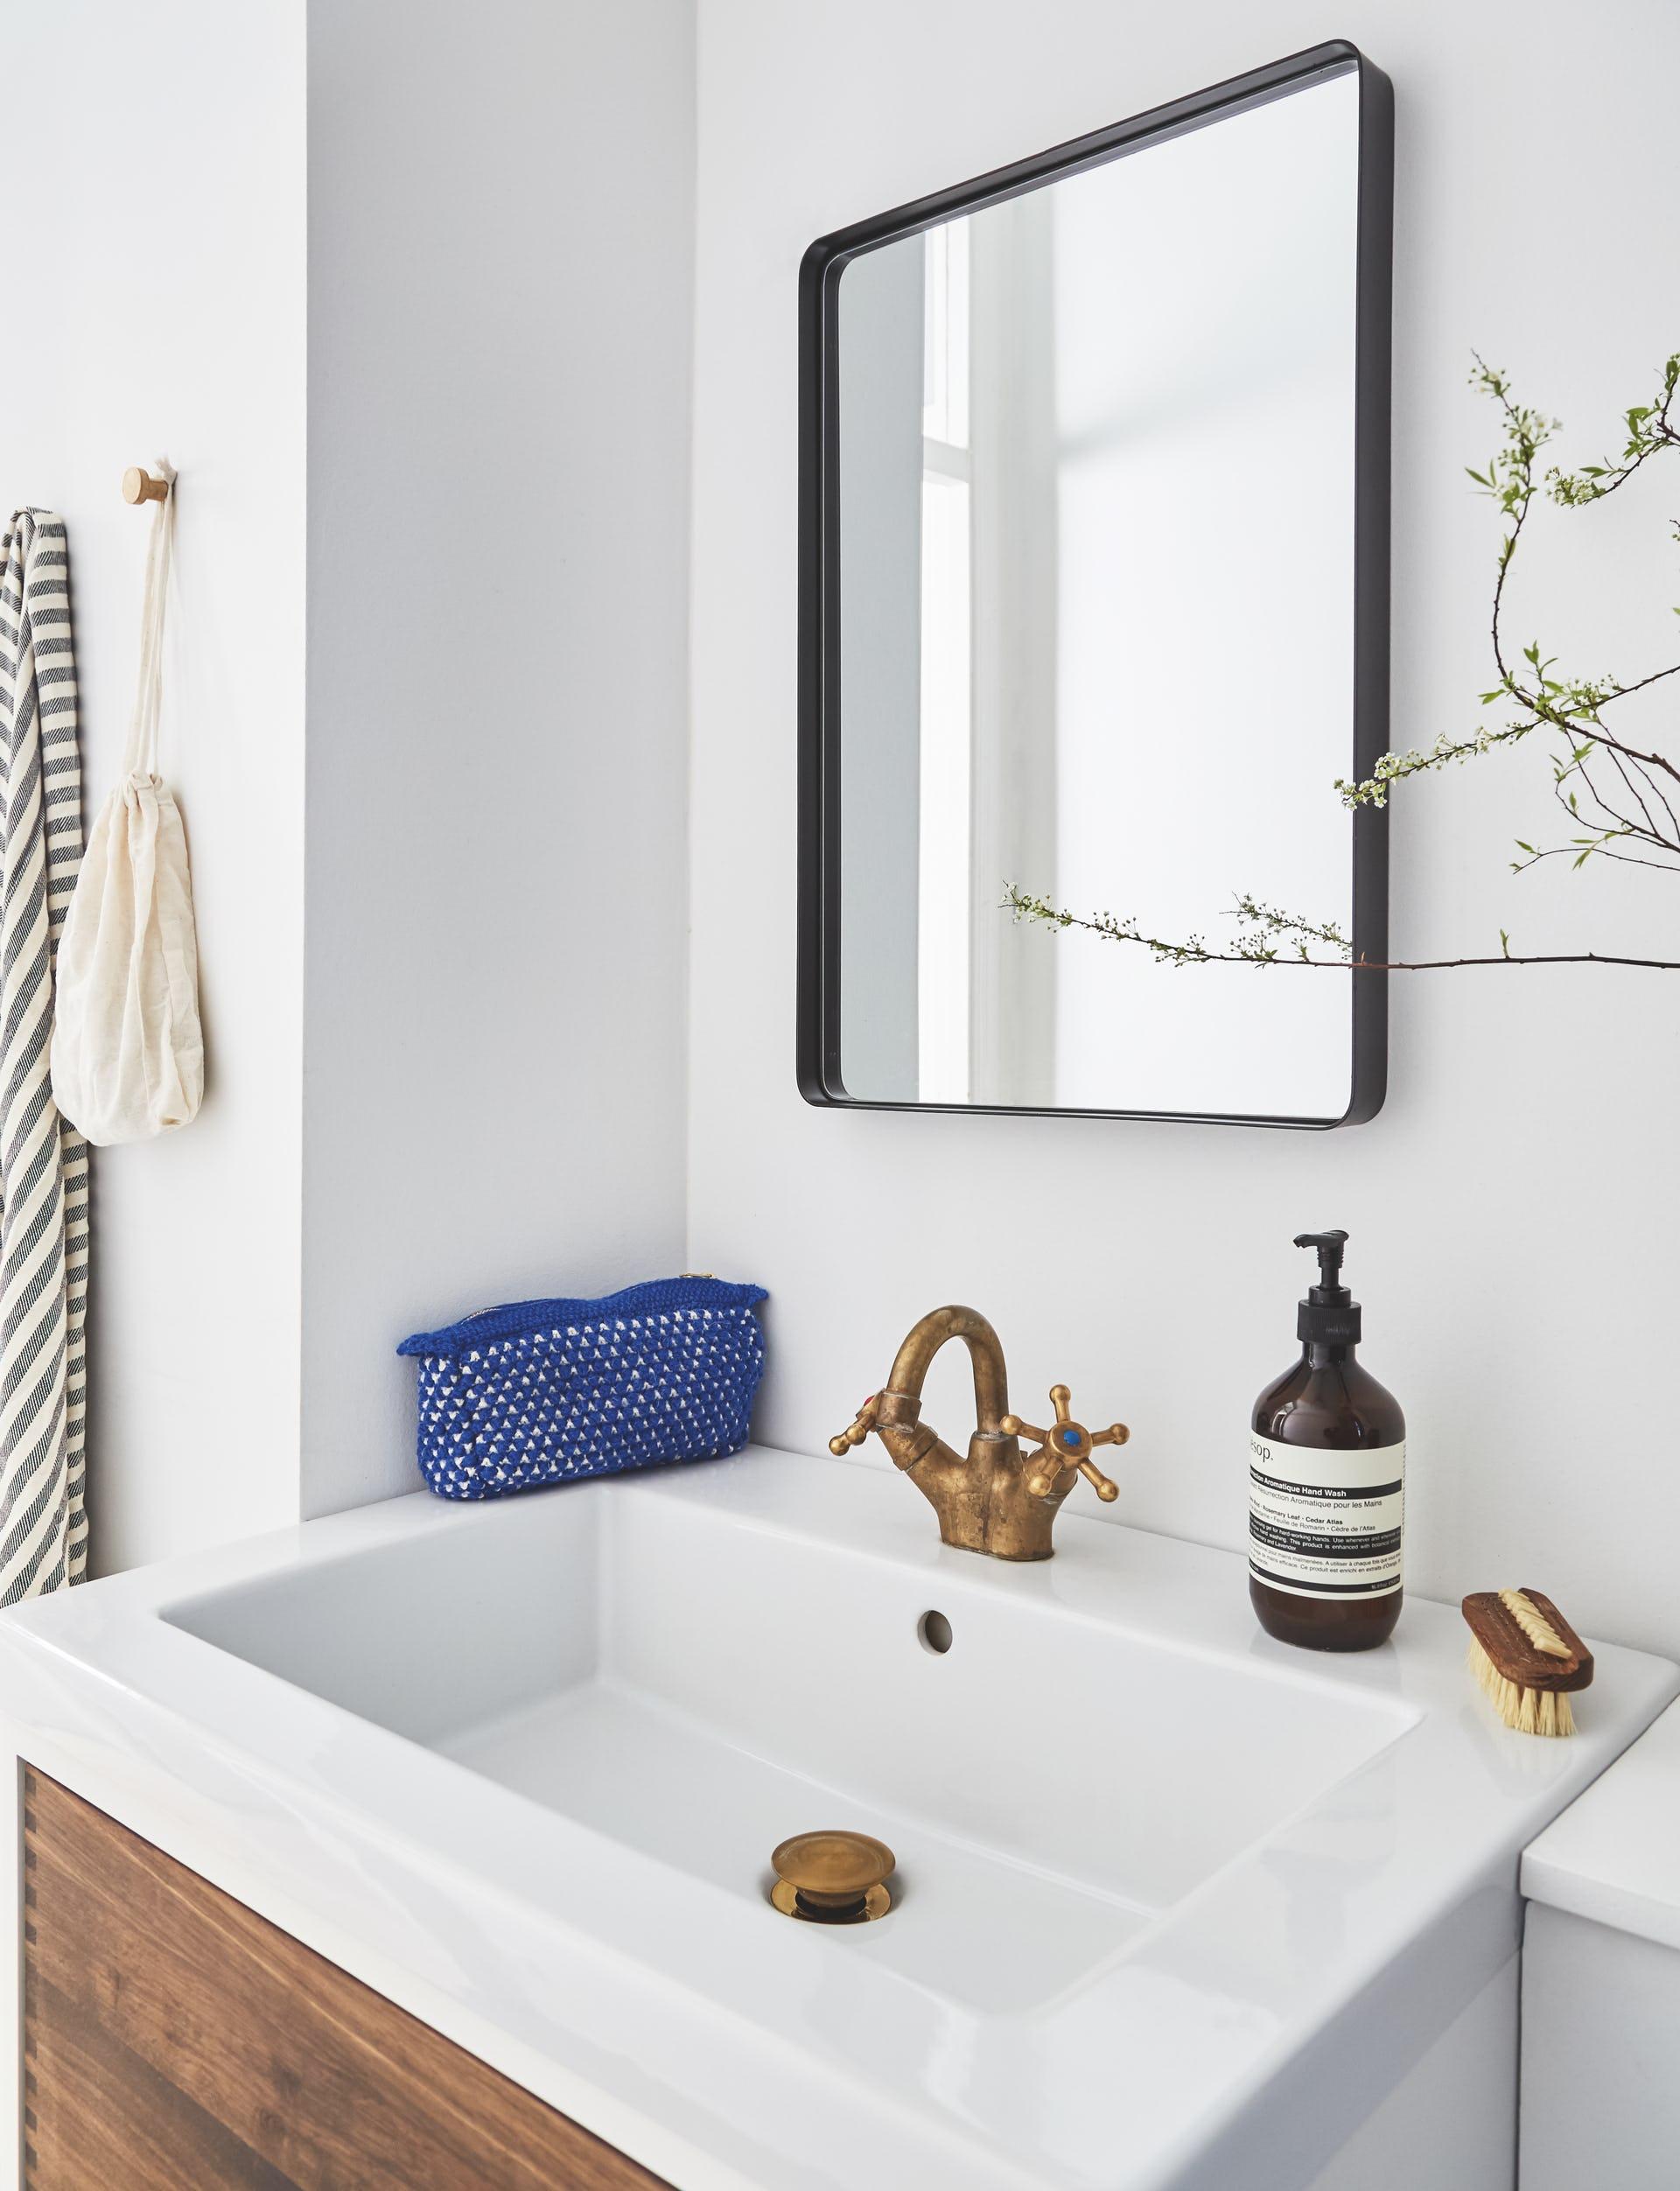 cải tạo nhà tắm thành spa tại gia elledecoration vn 7